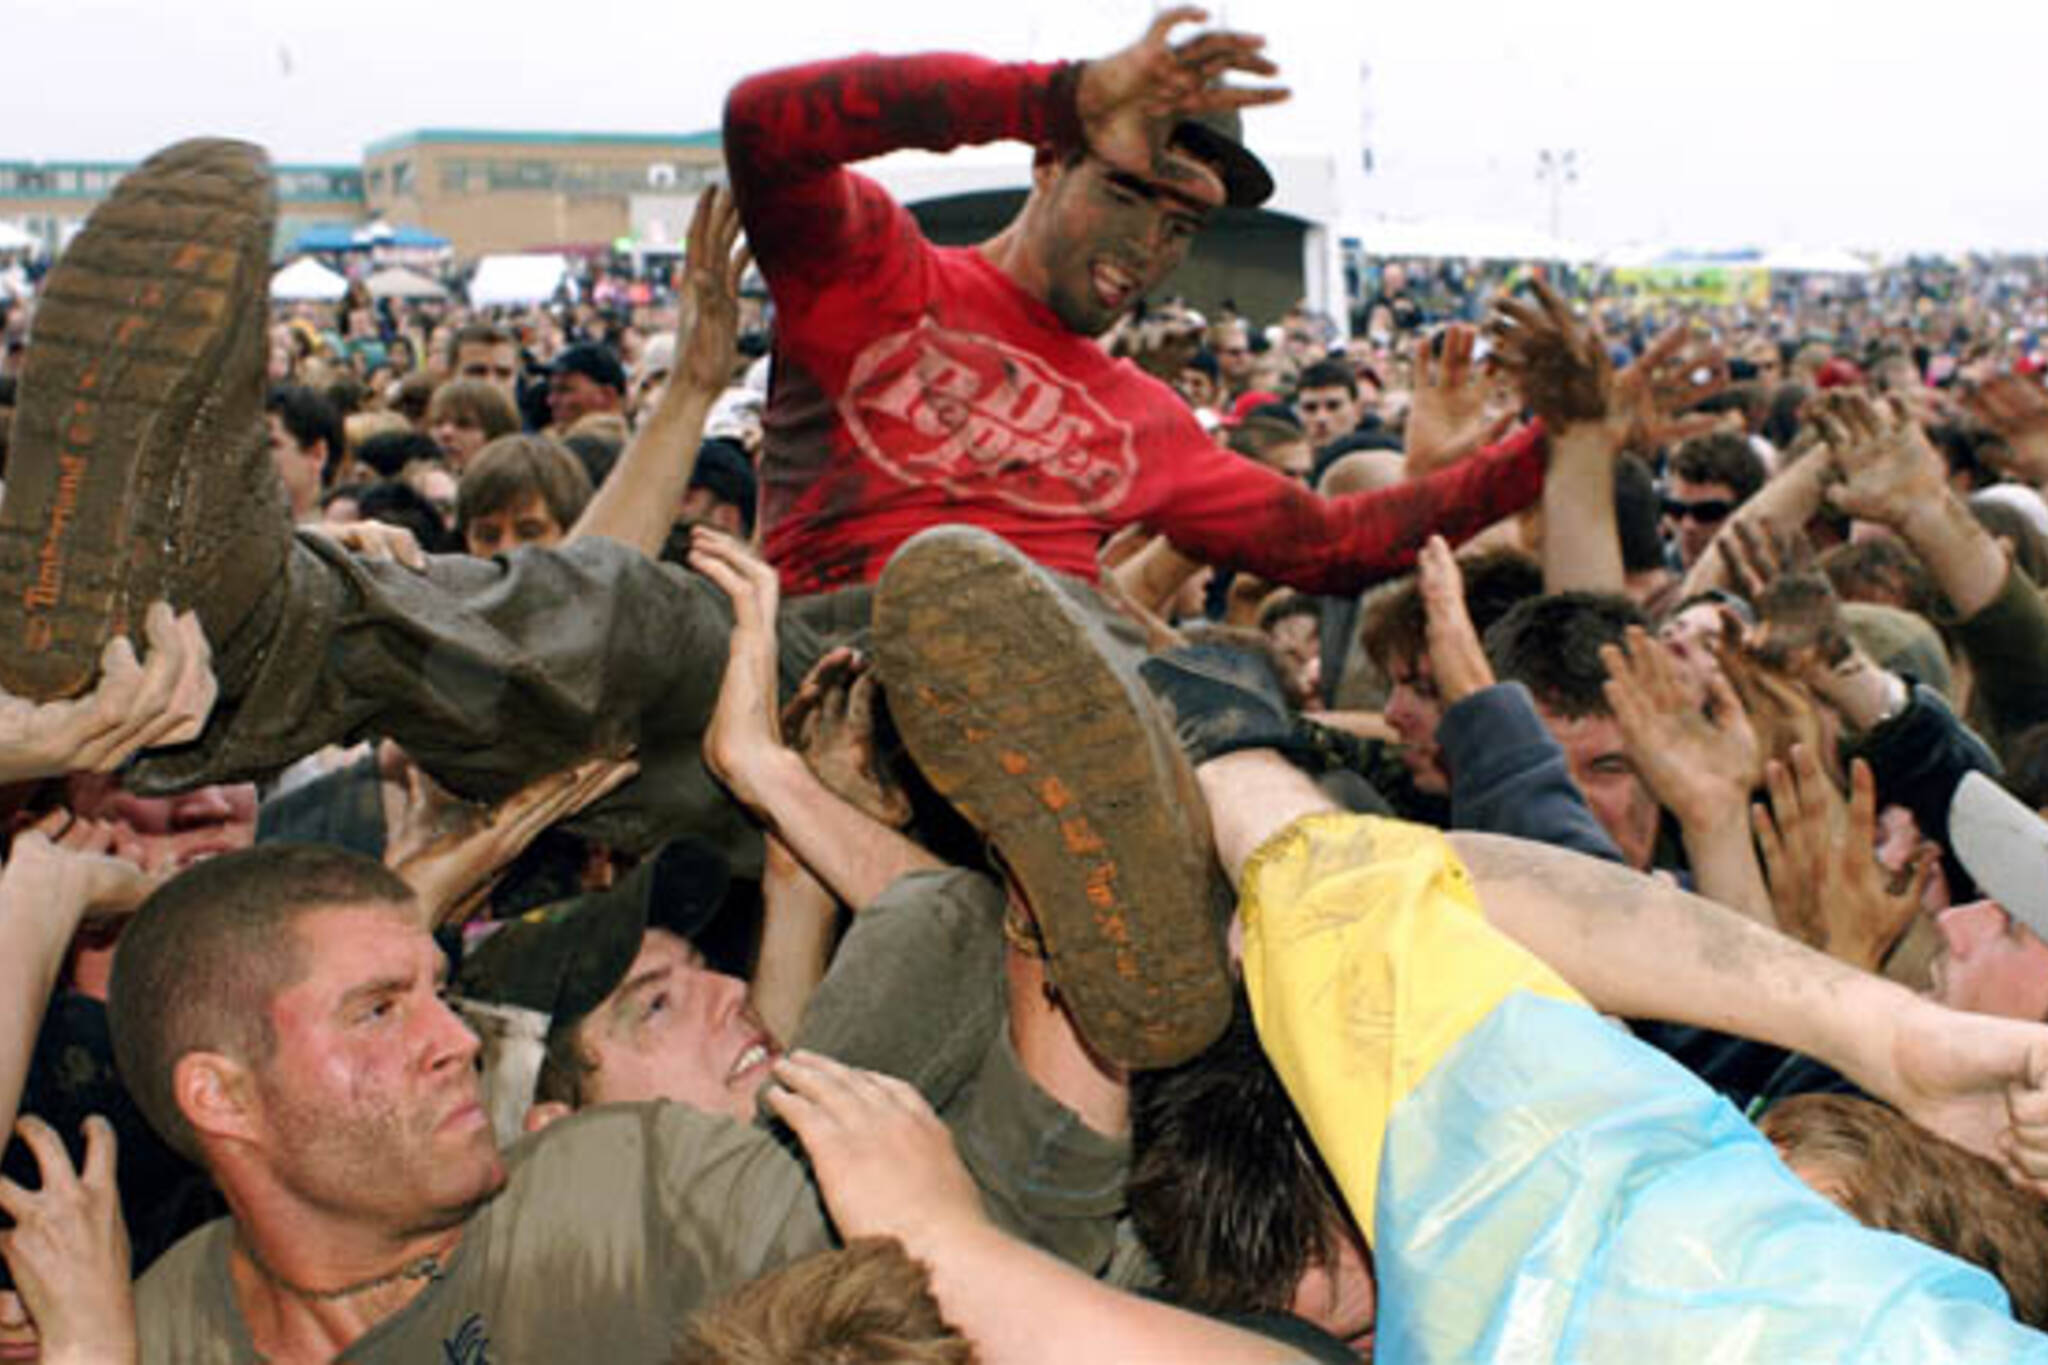 Edgefest 2009 crowd surfing